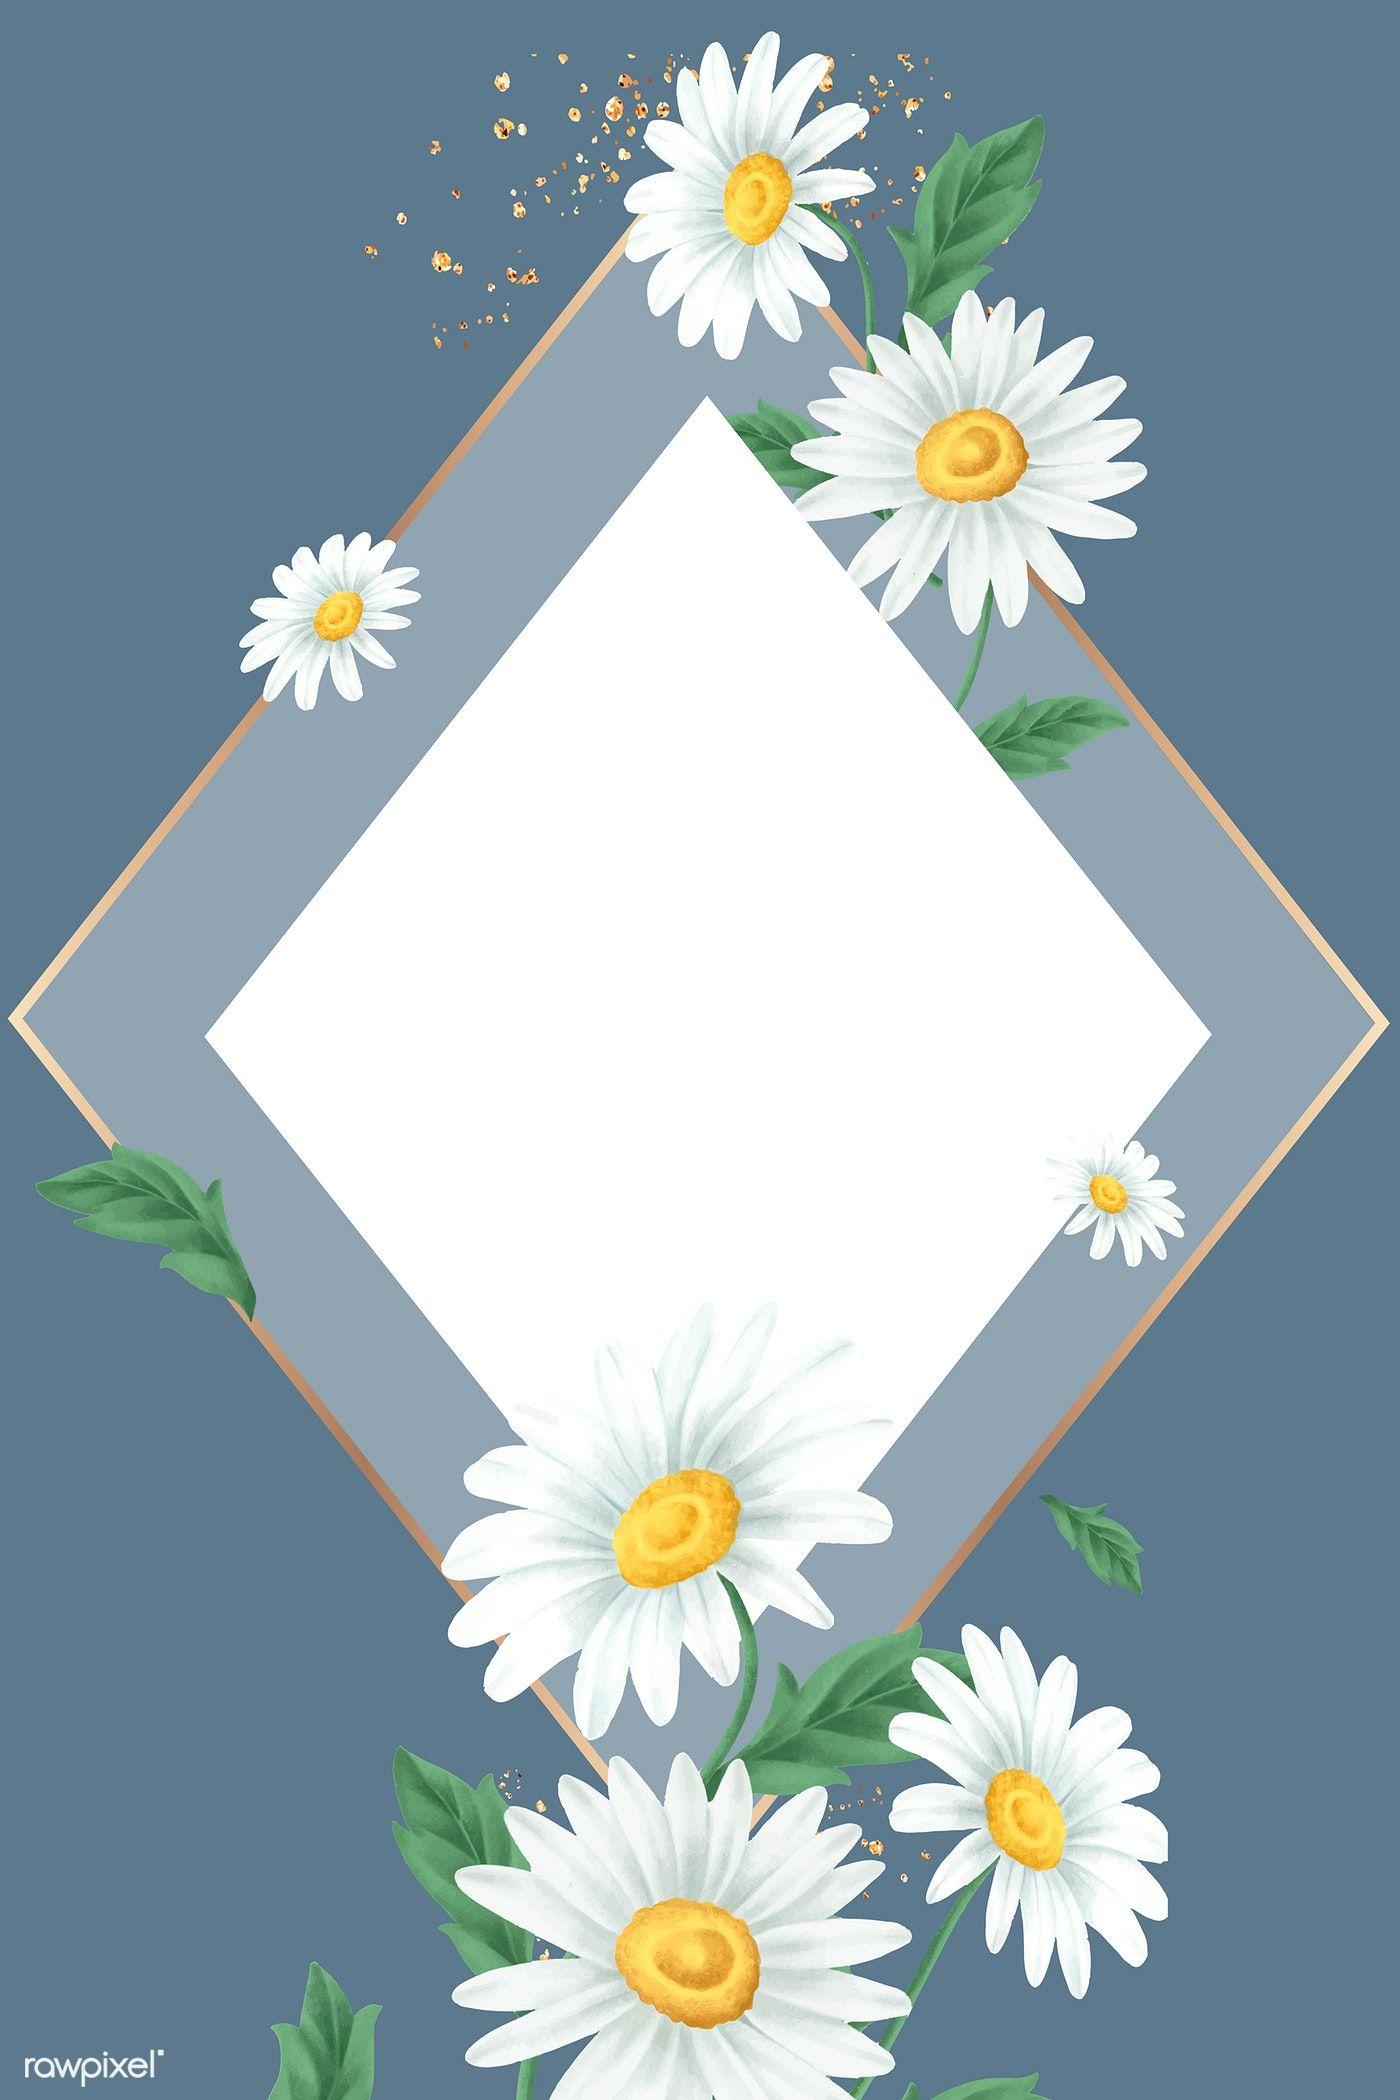 Daisy flower frame on blue background vector premium